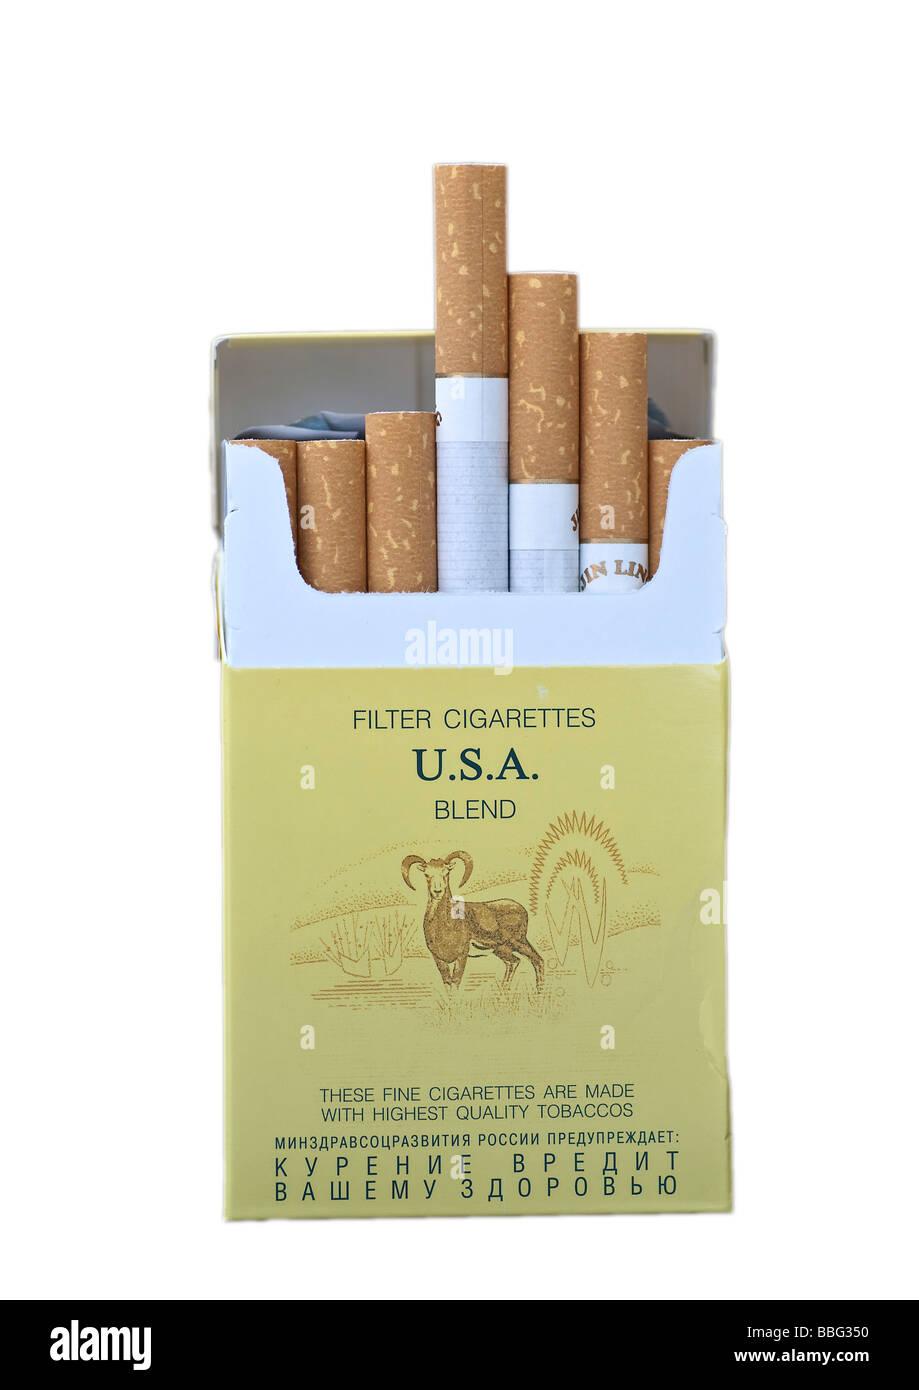 Cigarette brand x files